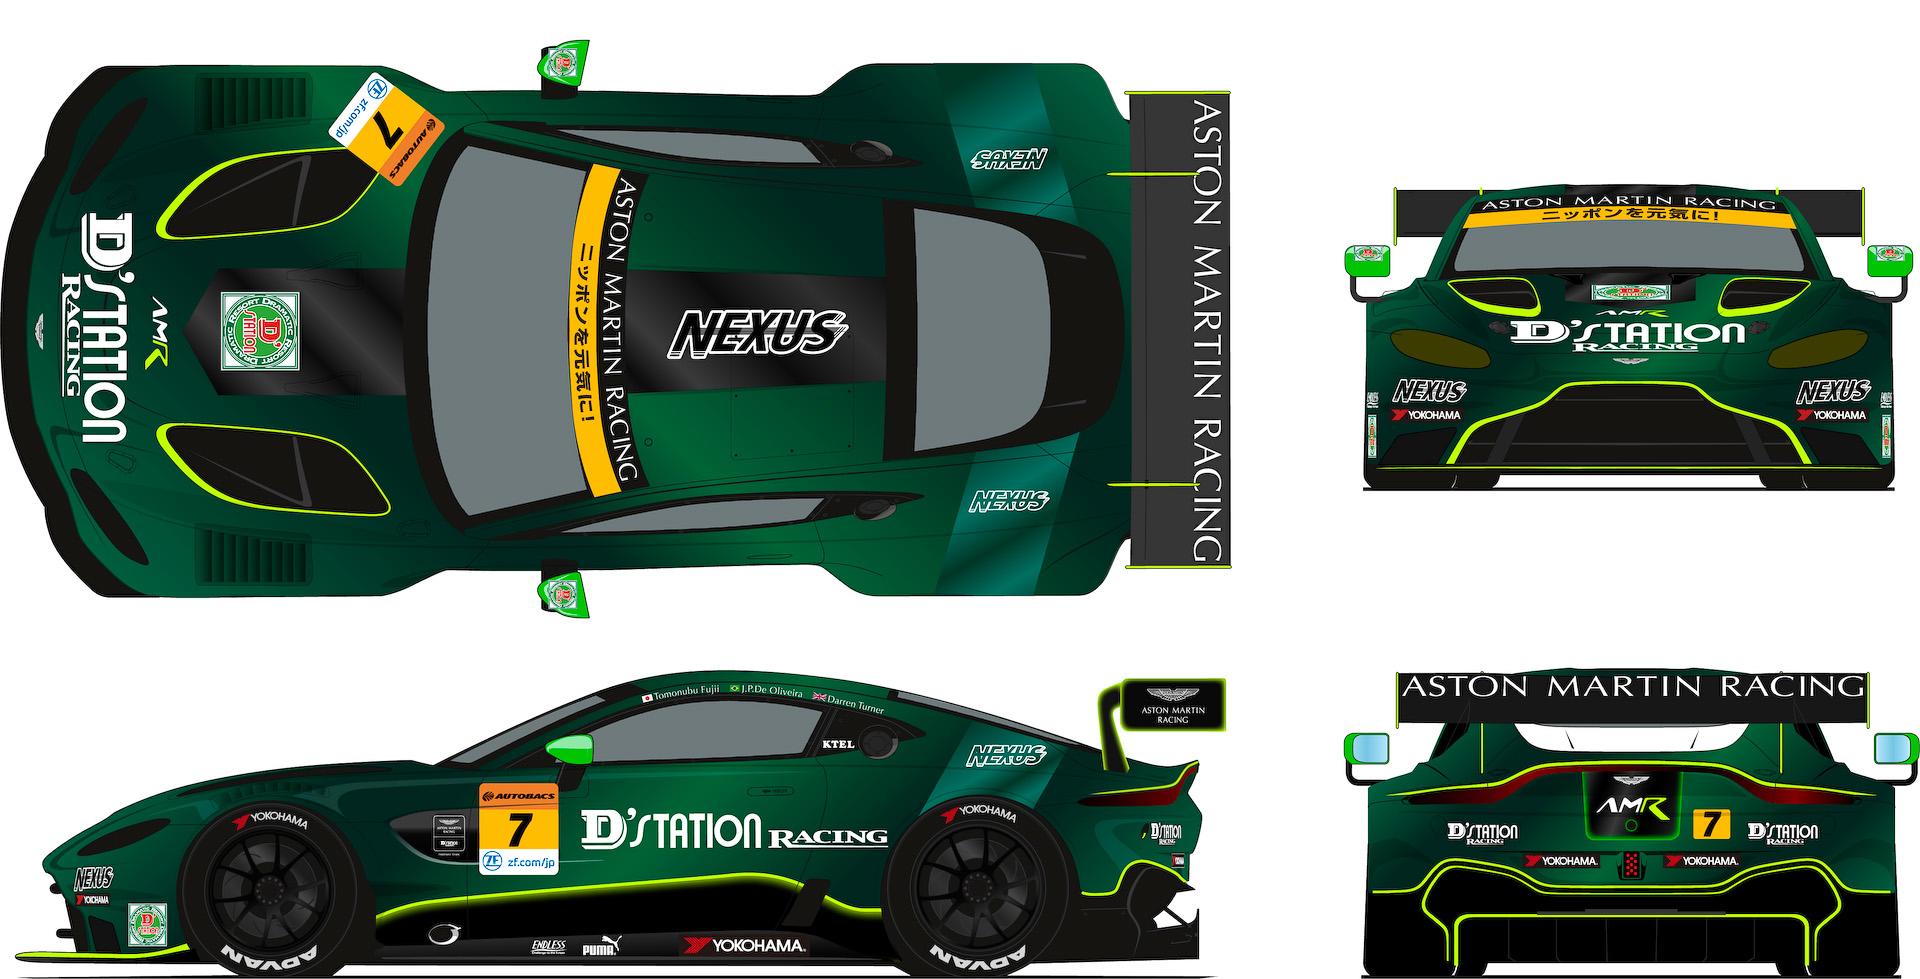 D'station Racing、2019年のSUPER GT(GT300)にアストンマーティン「ヴァンテージ GT3」で参戦